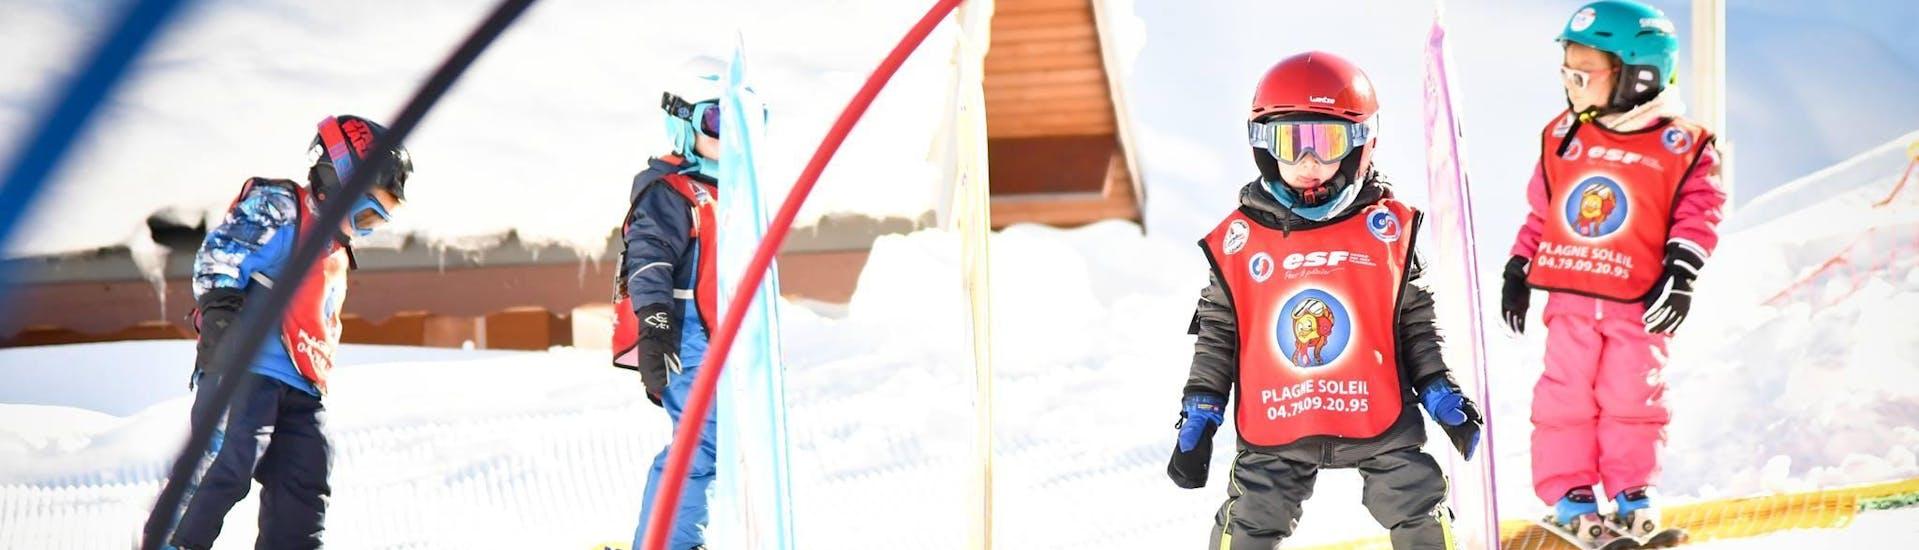 ski-trial-lesson-piou-piou-3-4-yo-low-season-esf-la-plagne-hero